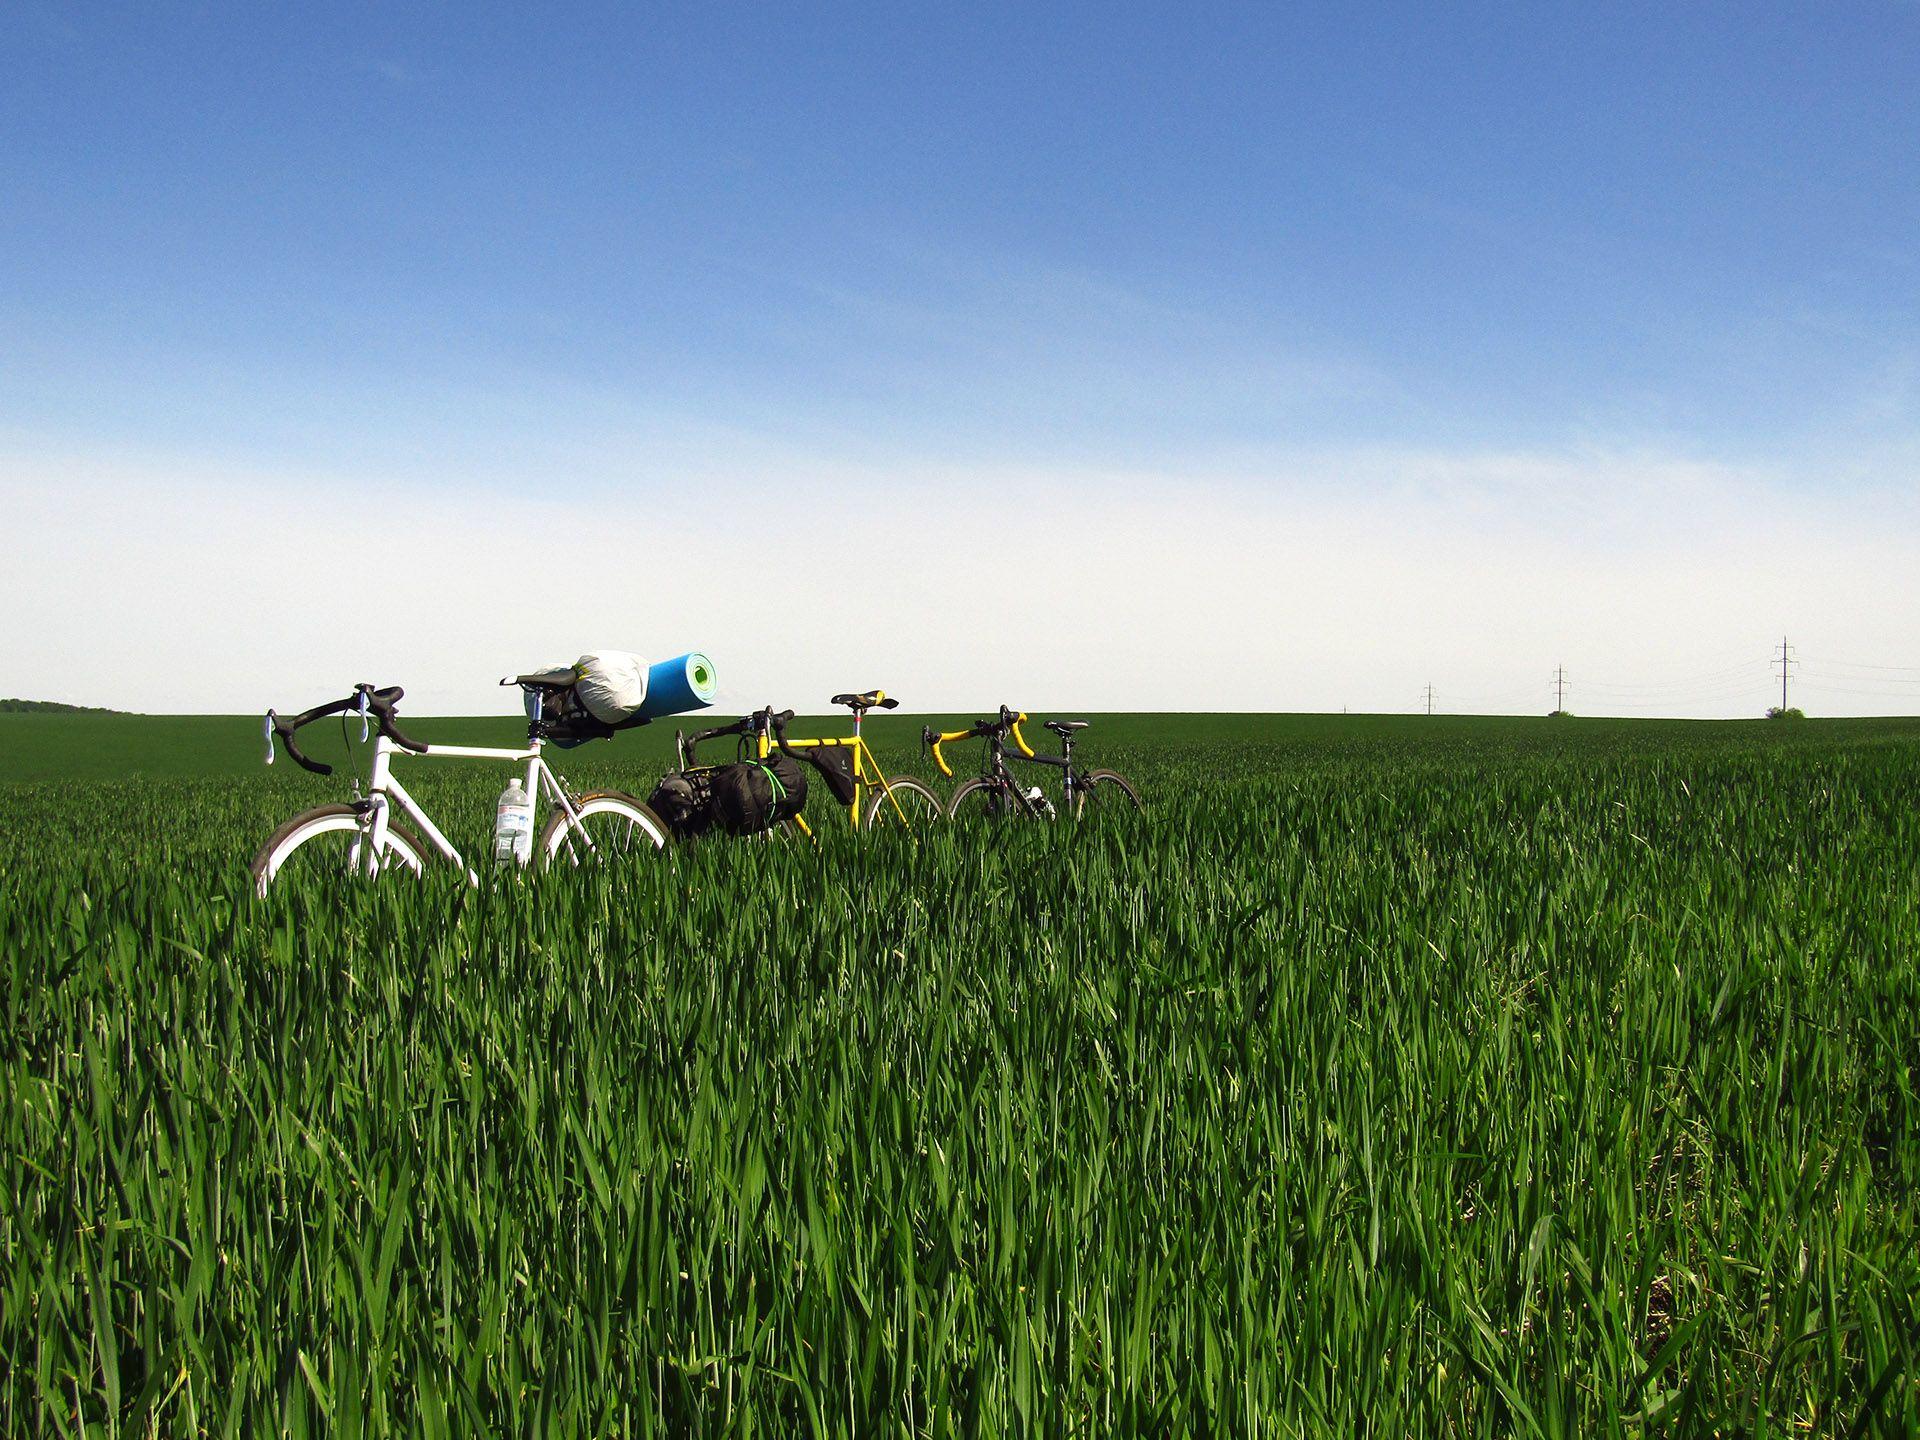 Велосипеди в траві